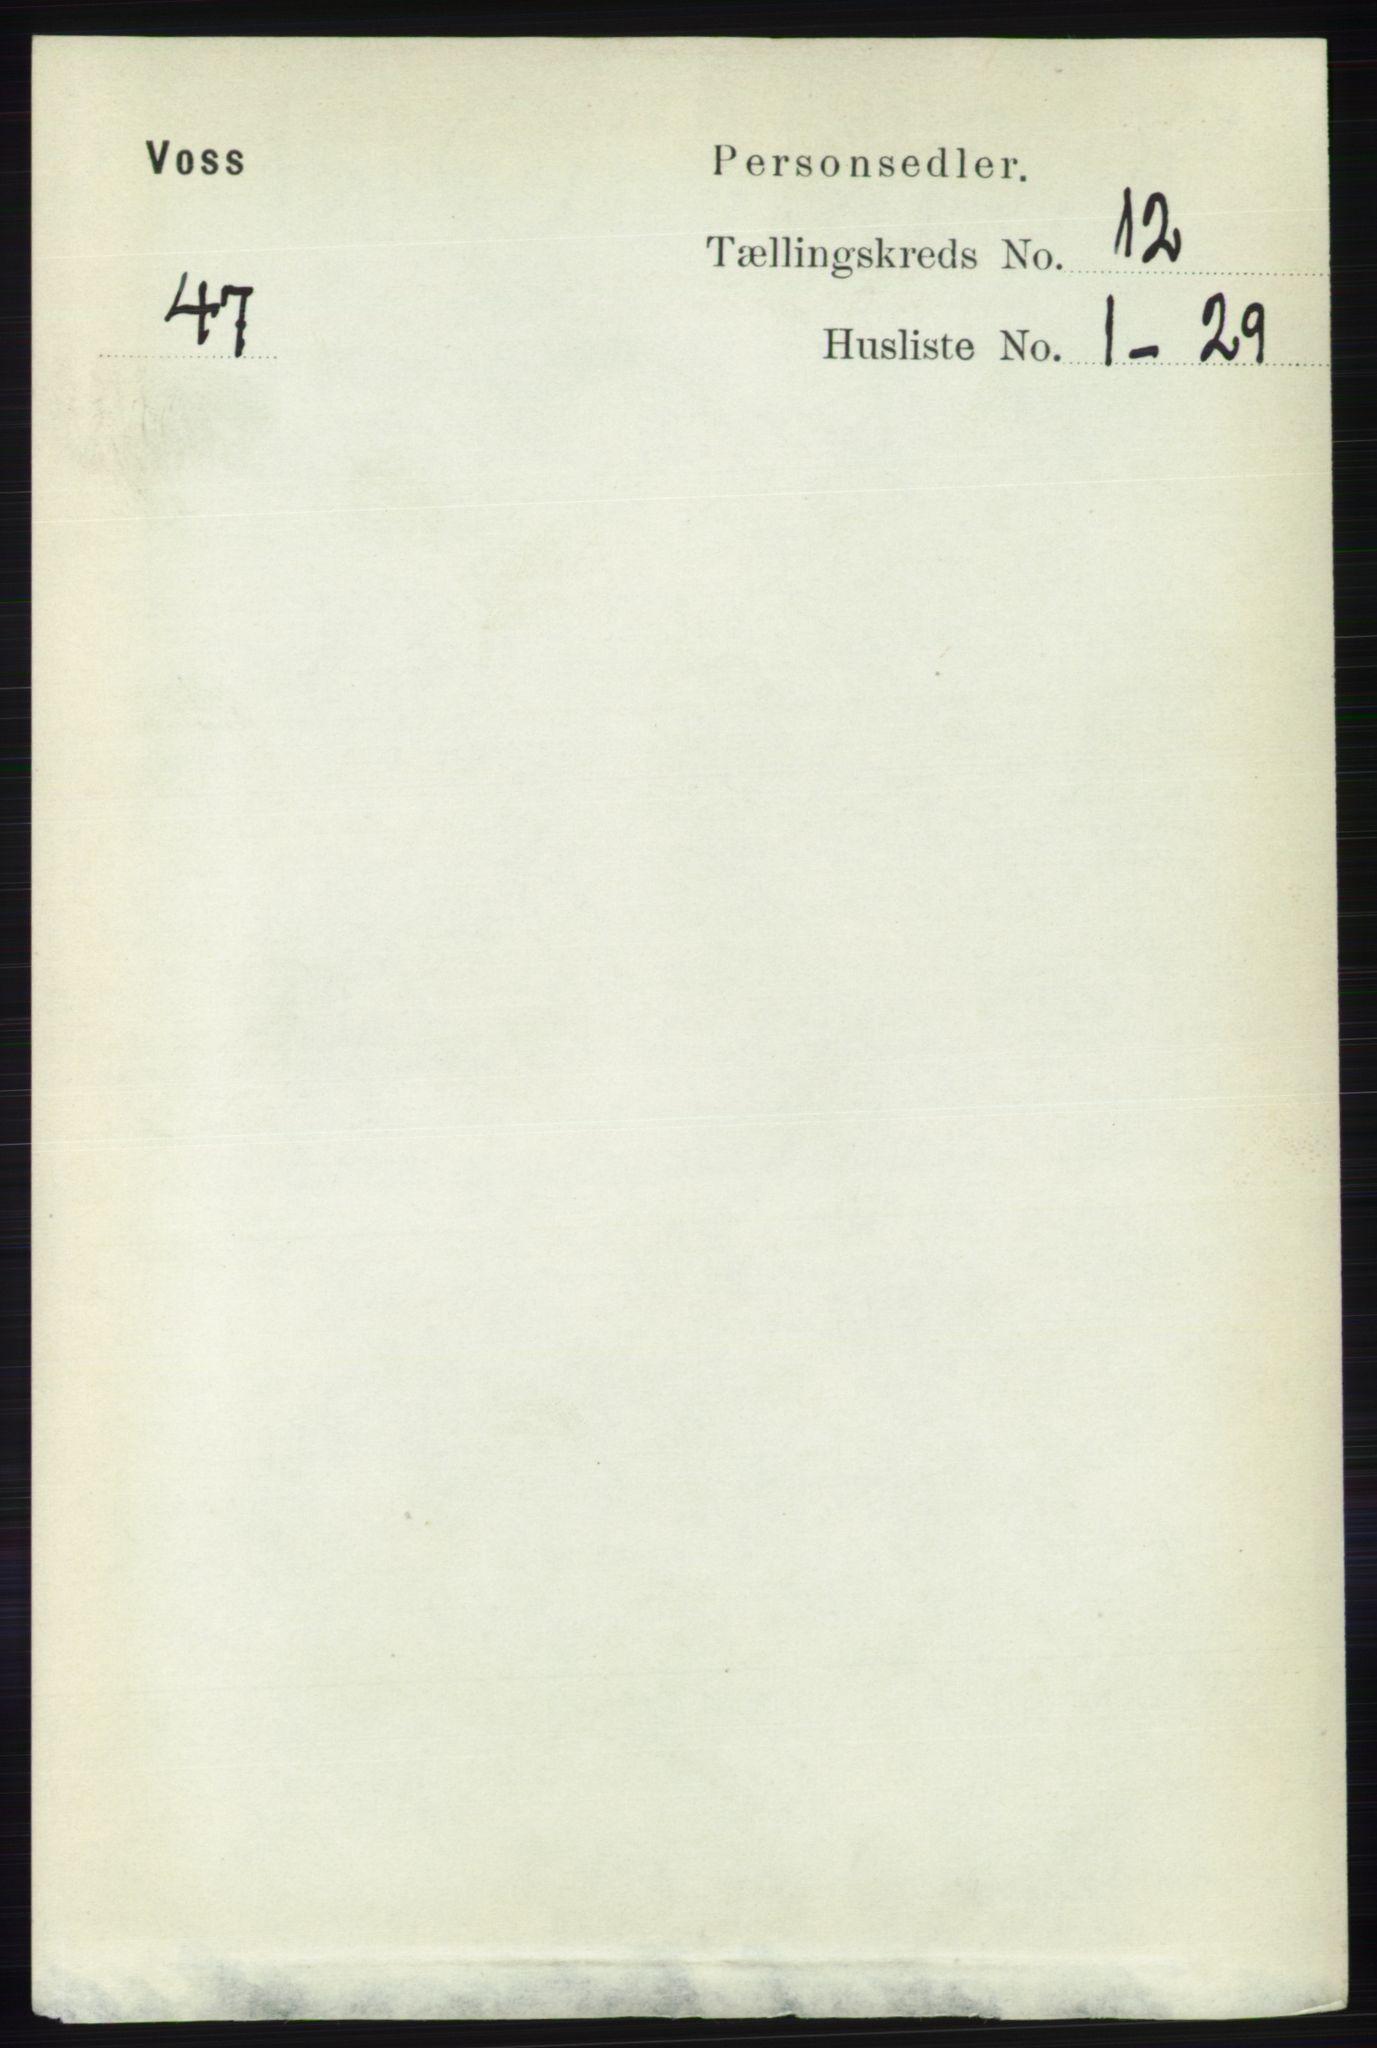 RA, Folketelling 1891 for 1235 Voss herred, 1891, s. 6480